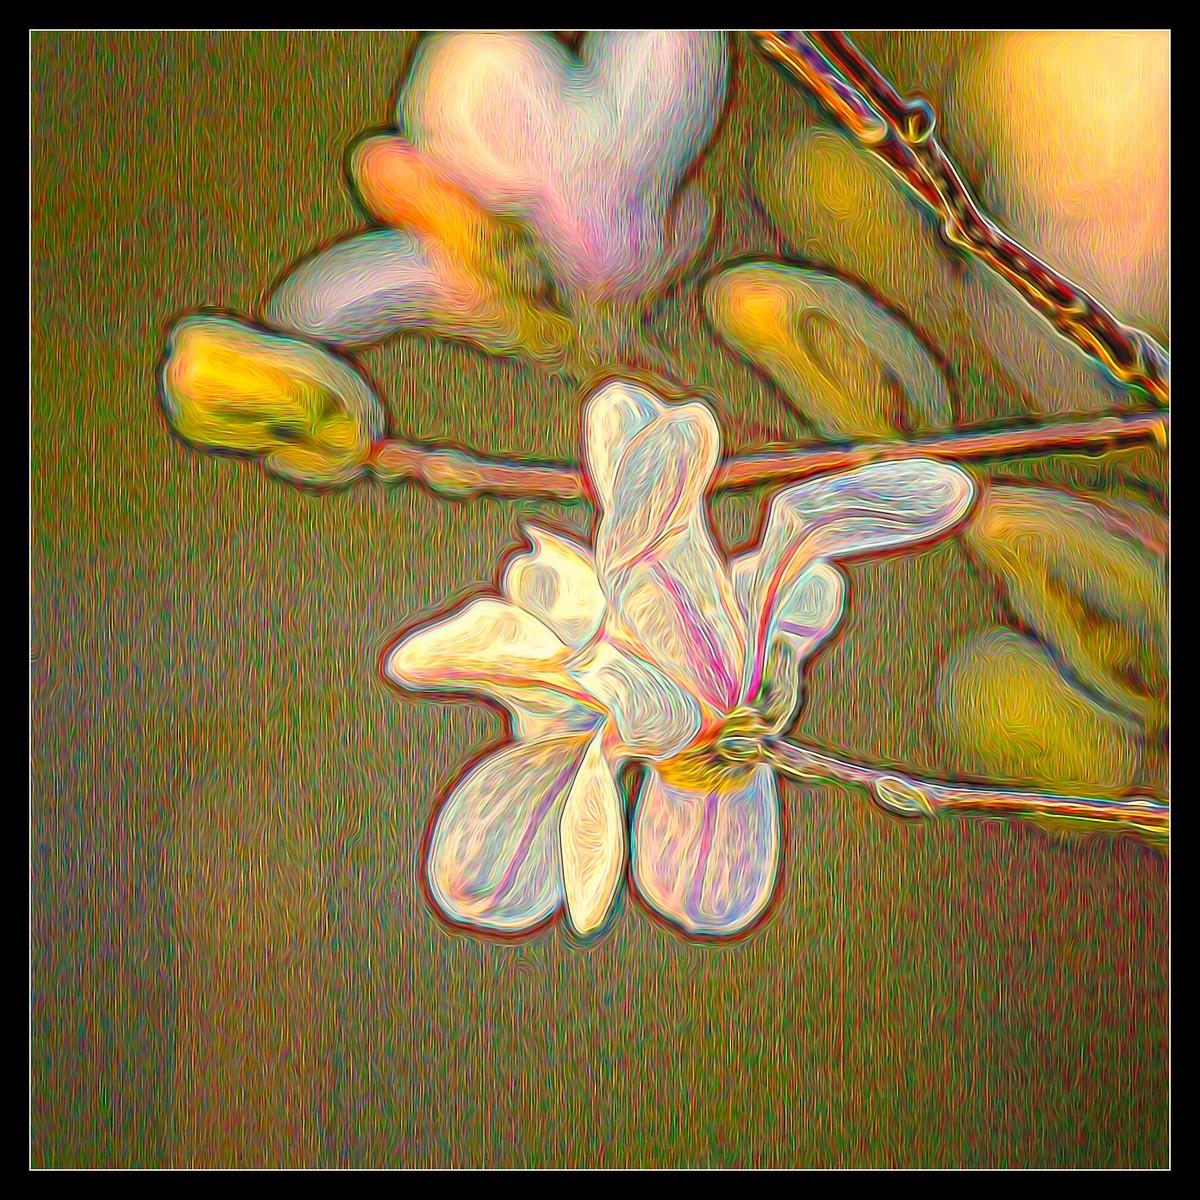 玉蘭花開春色到_圖1-6